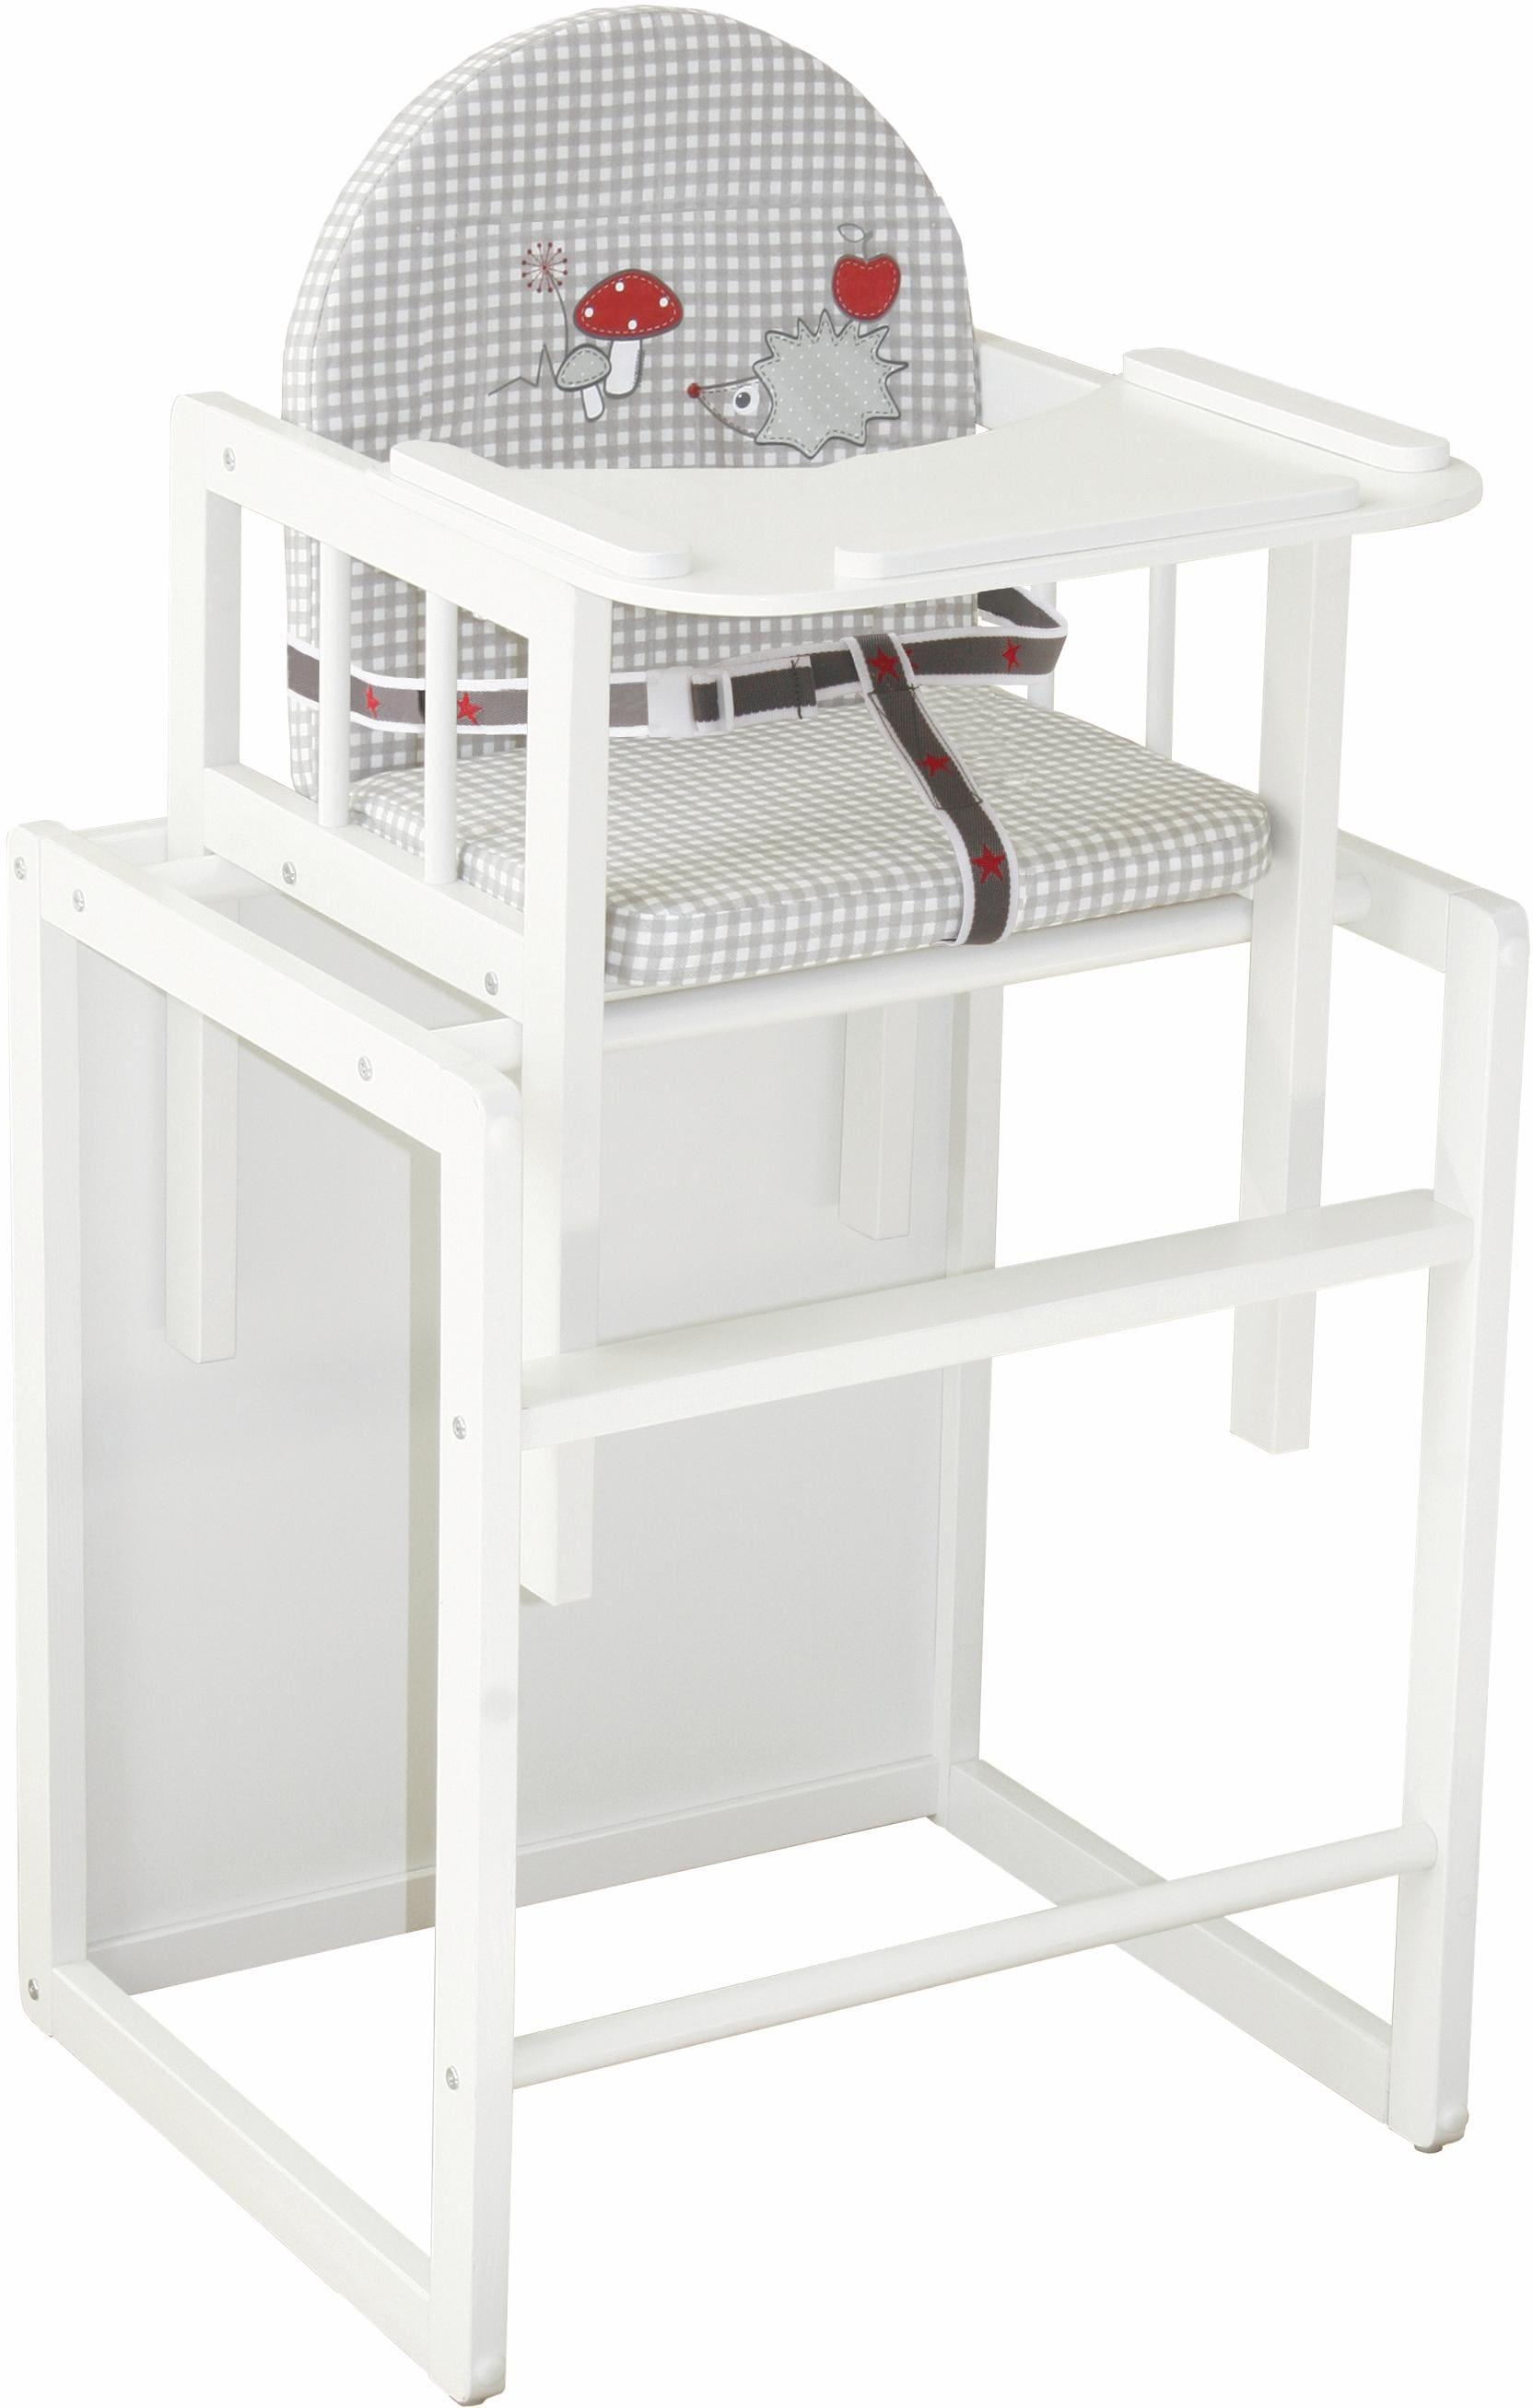 kinderstuhl sitzh he preisvergleich die besten angebote online kaufen. Black Bedroom Furniture Sets. Home Design Ideas